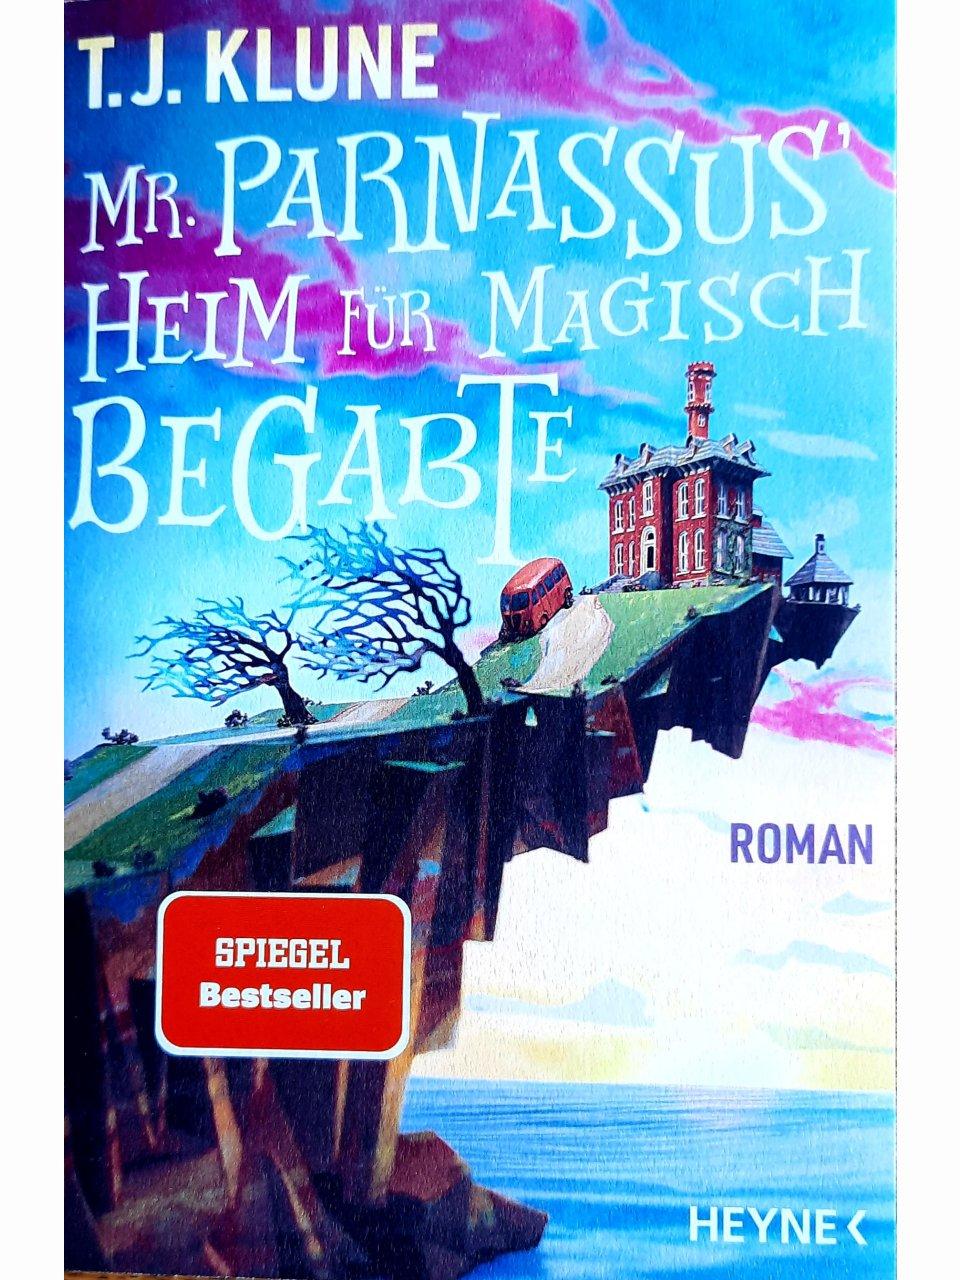 Mr. Parnassus Heim für magisch Begabte